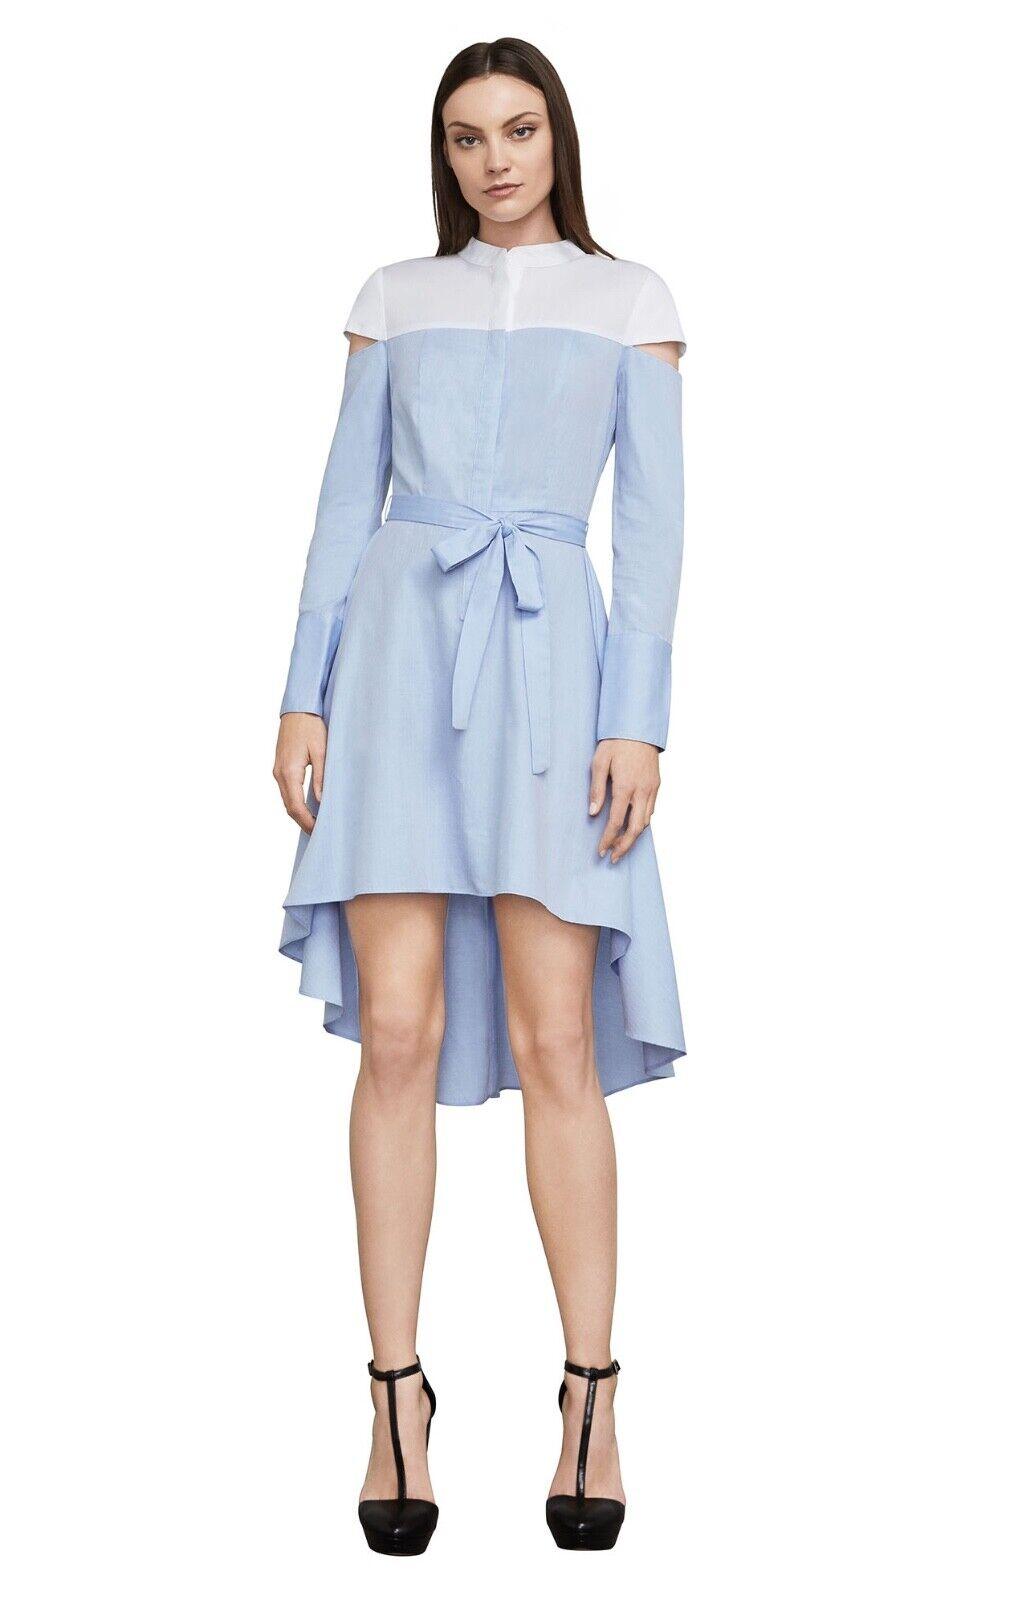 NEW RUNWAY BCBG MAXAZRIA Leandra Cut Out Farbeblock Shirt Dress XS,S